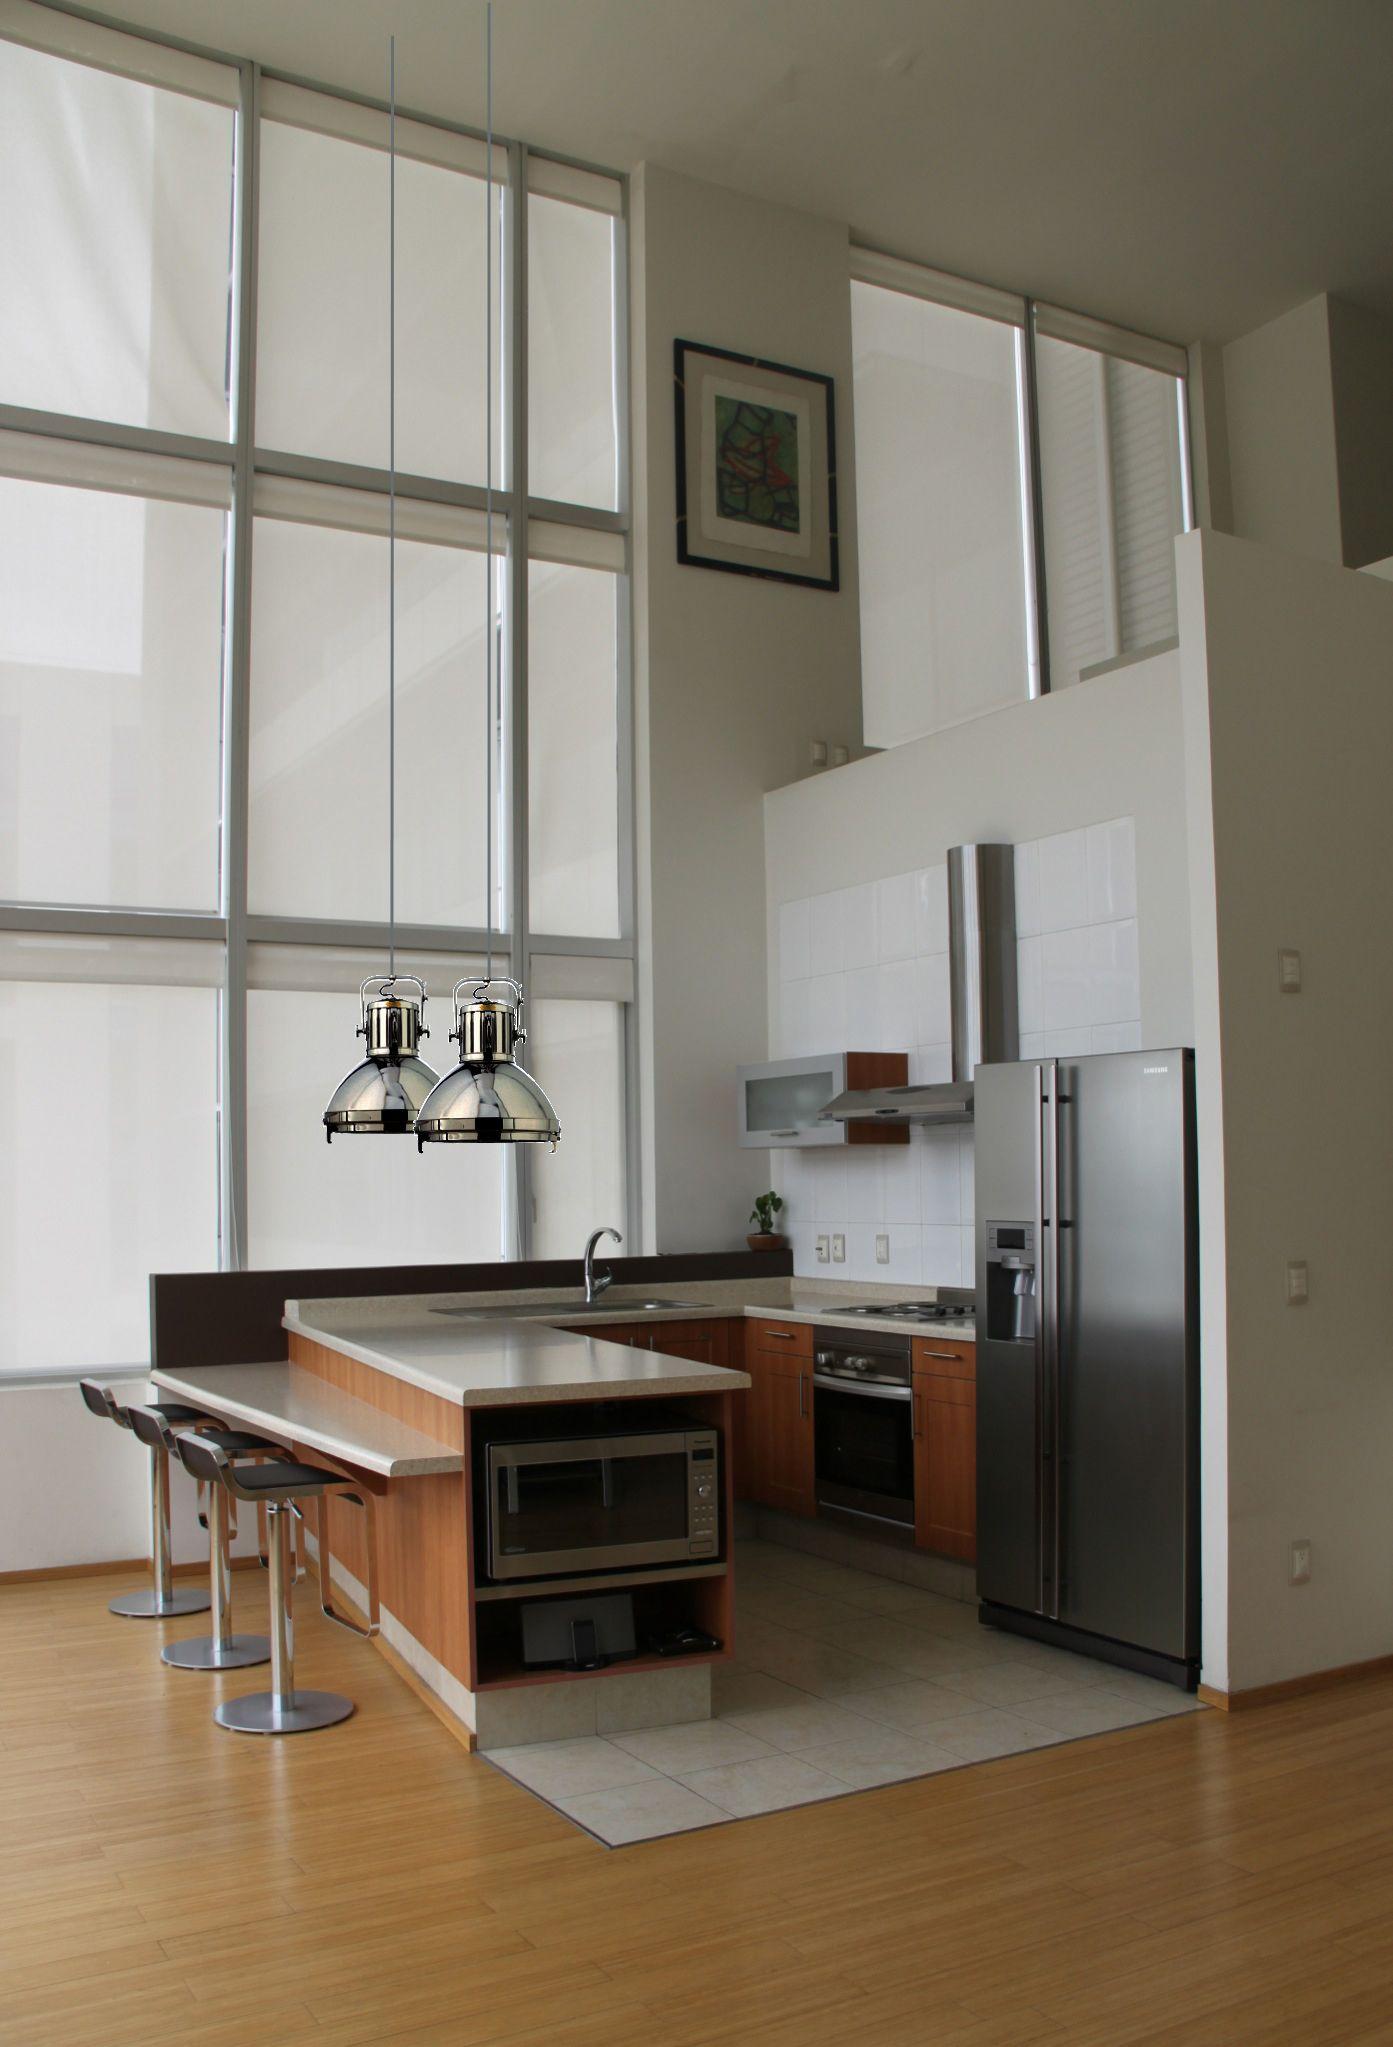 Reforma cocina abierta en loft con distribuci n en u - Suelos para cocinas ...